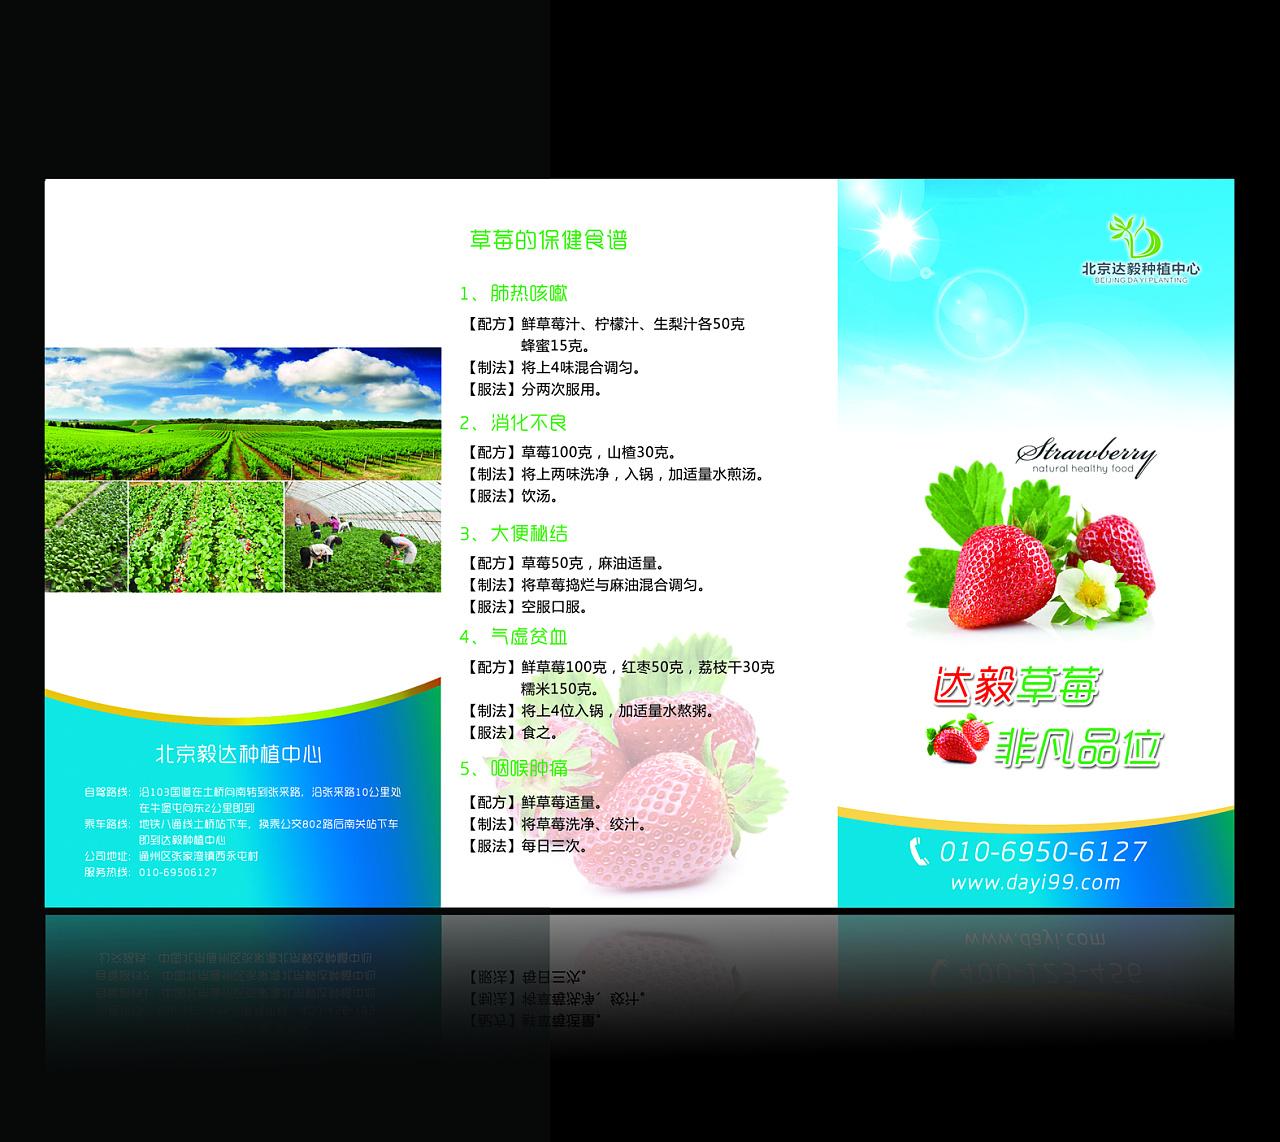 草莓 采摘 种植 三折页 宣传单图片